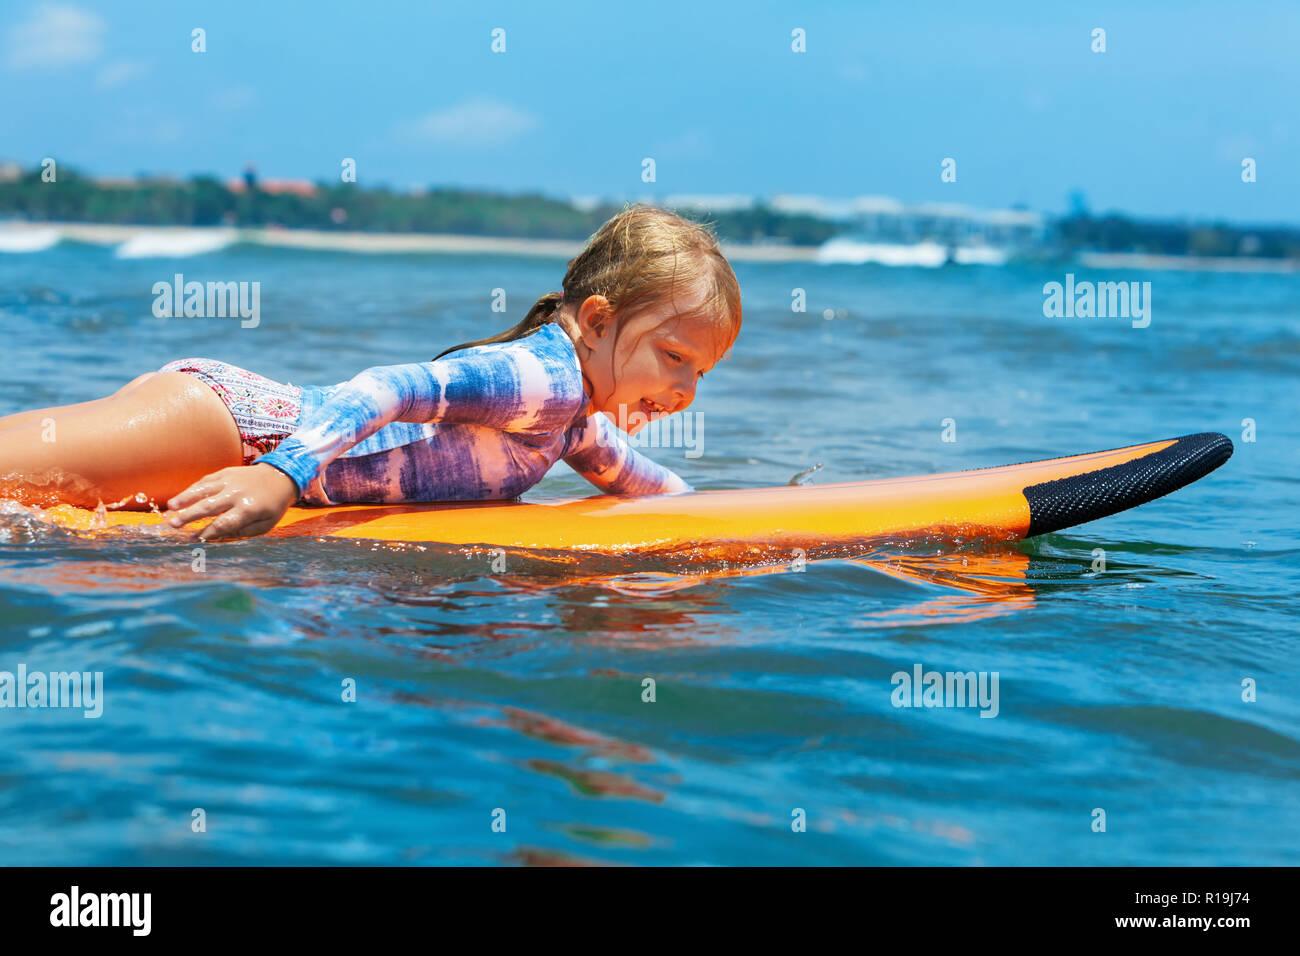 Niña feliz - joven surfista de paddle surf con la diversión en las olas del mar. Familia activo estilo de vida al aire libre para niños, deportes acuáticos, natación actividad lecciones Foto de stock